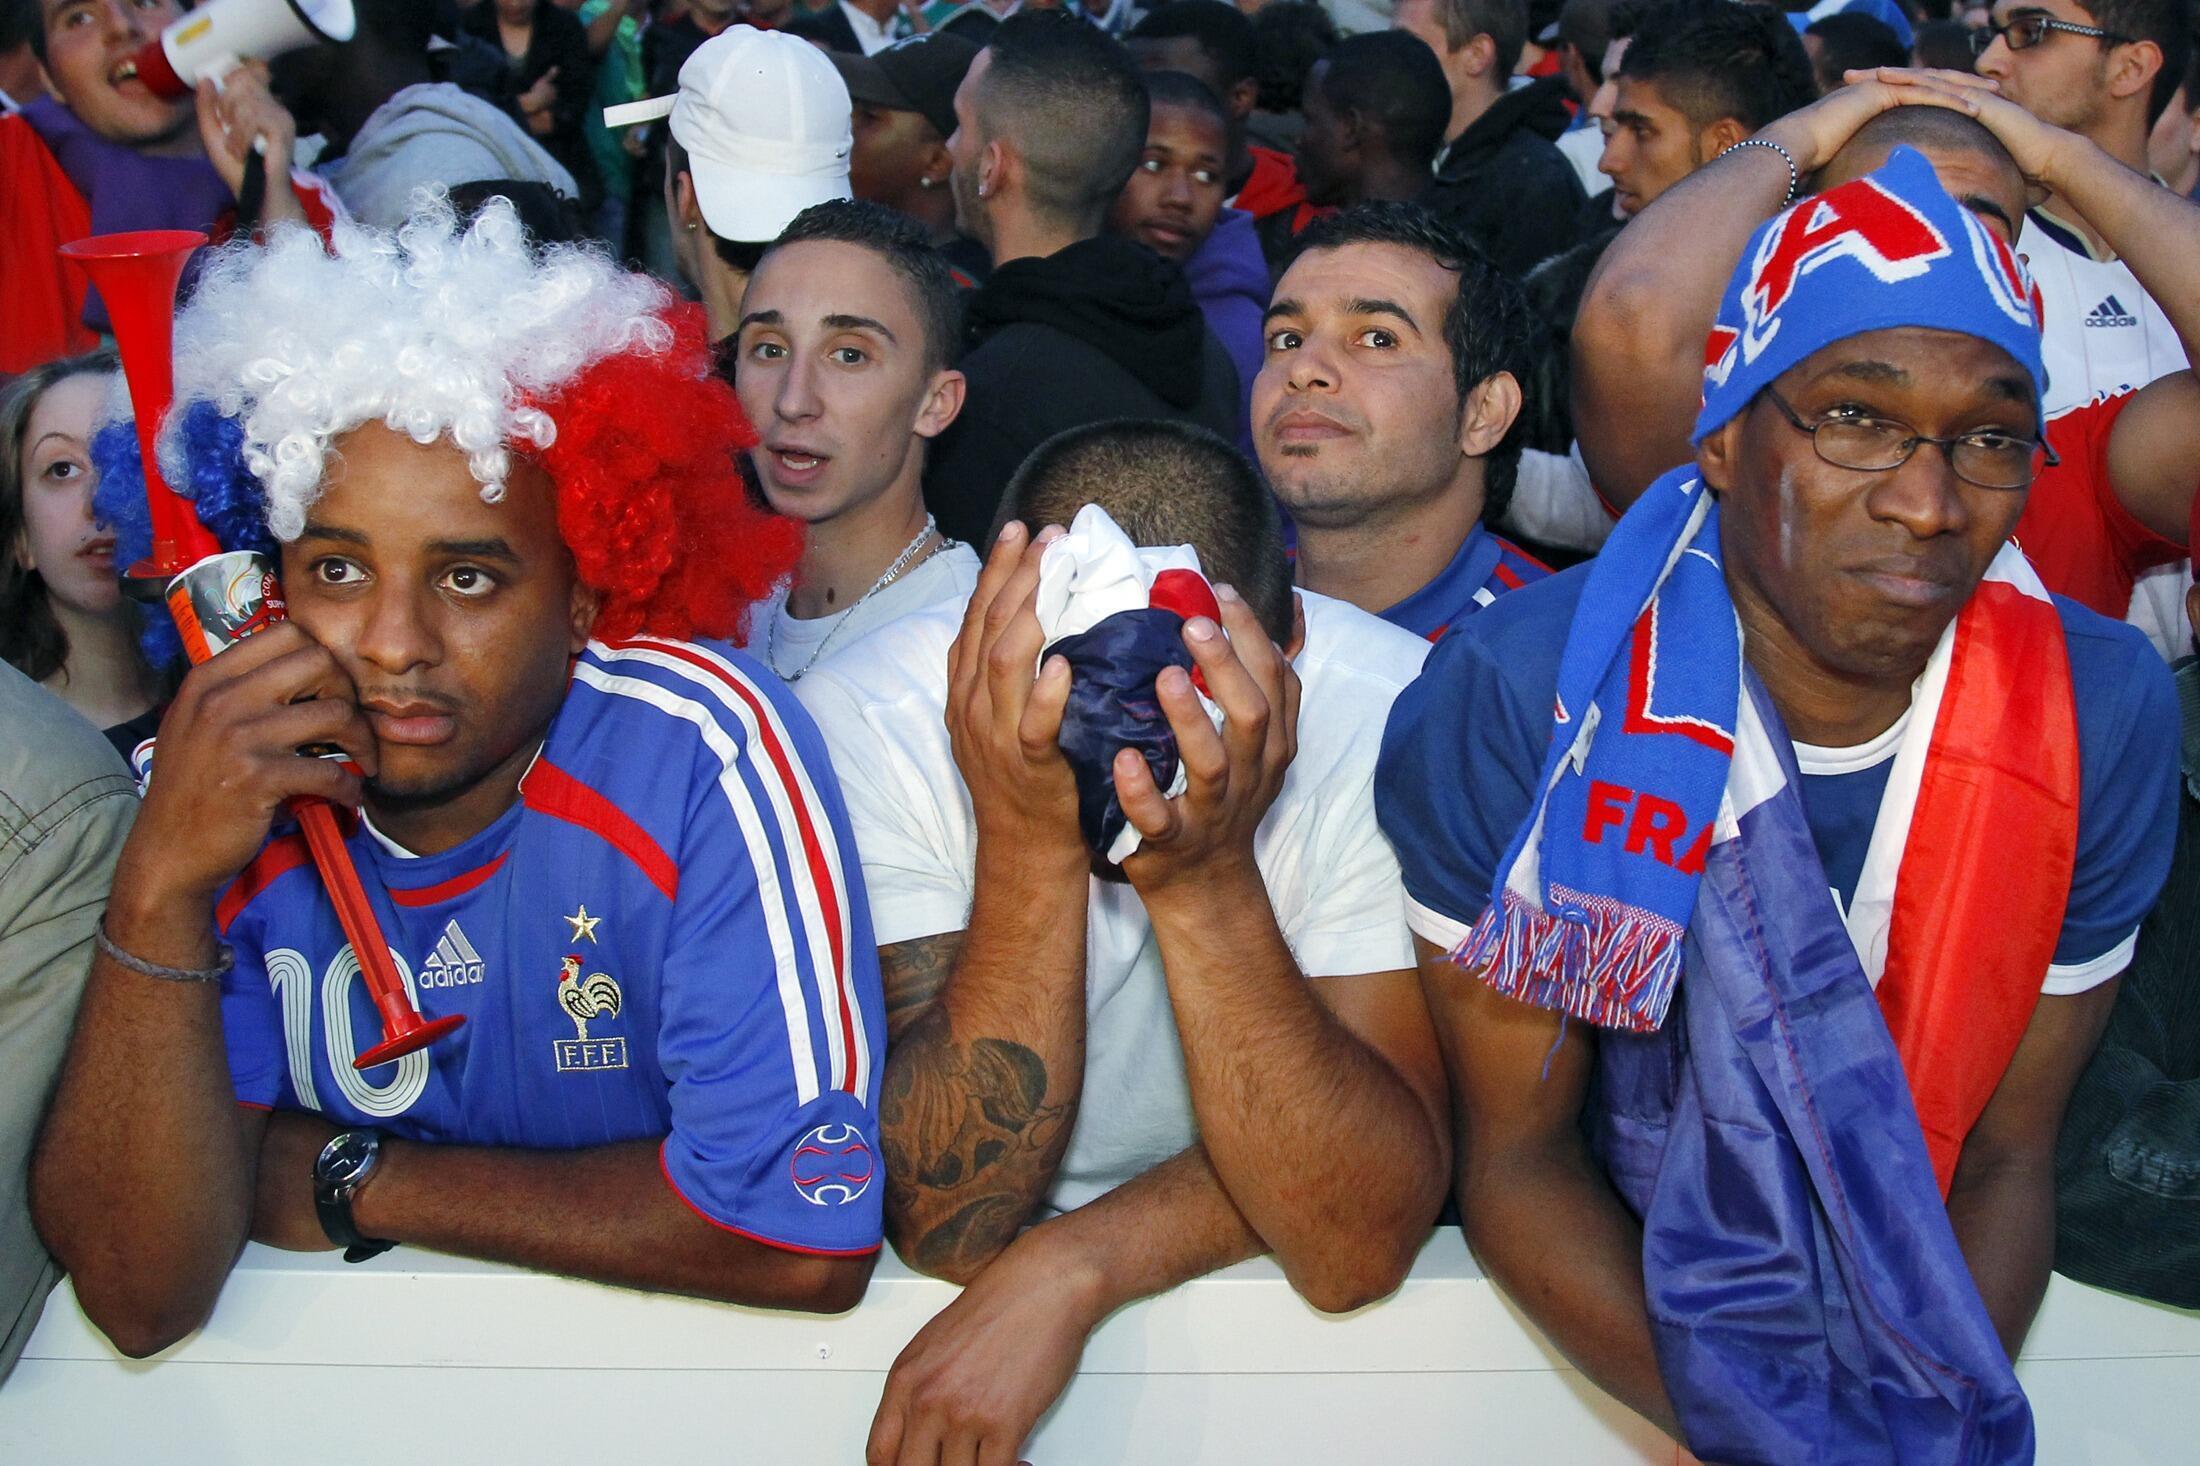 Sự thất vọng của cổ động viên Pháp khi xem trận đấu qua màn hình gần Tháp Eiffel, Paris, ngày 17/06/2010 sau khi xem